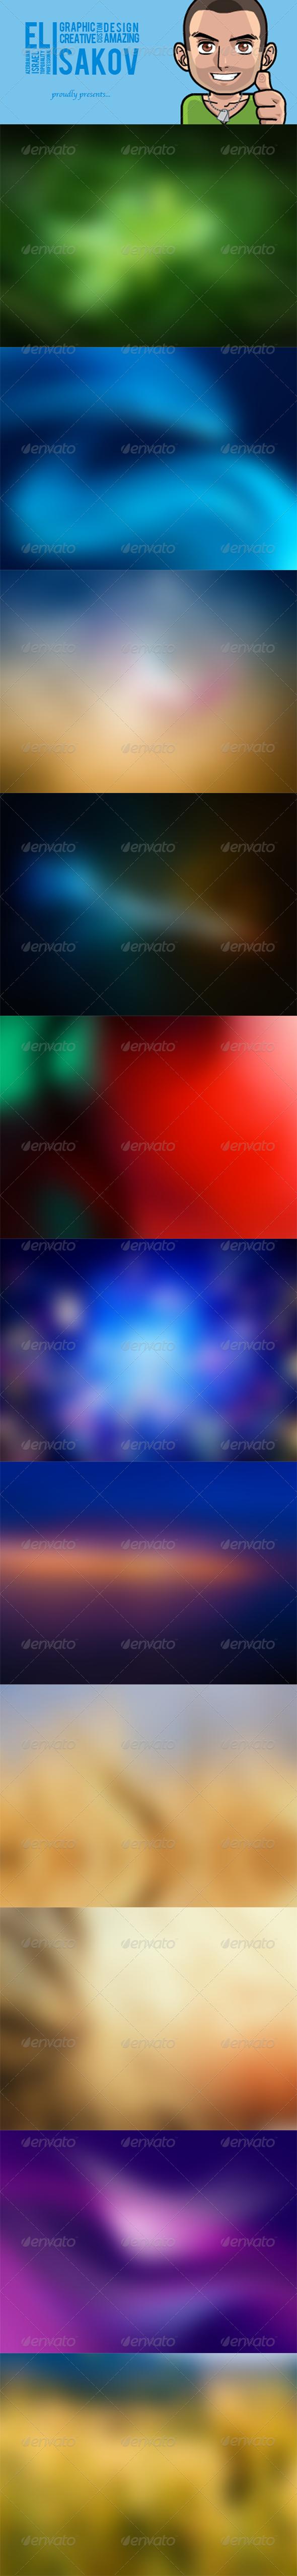 hd-blur